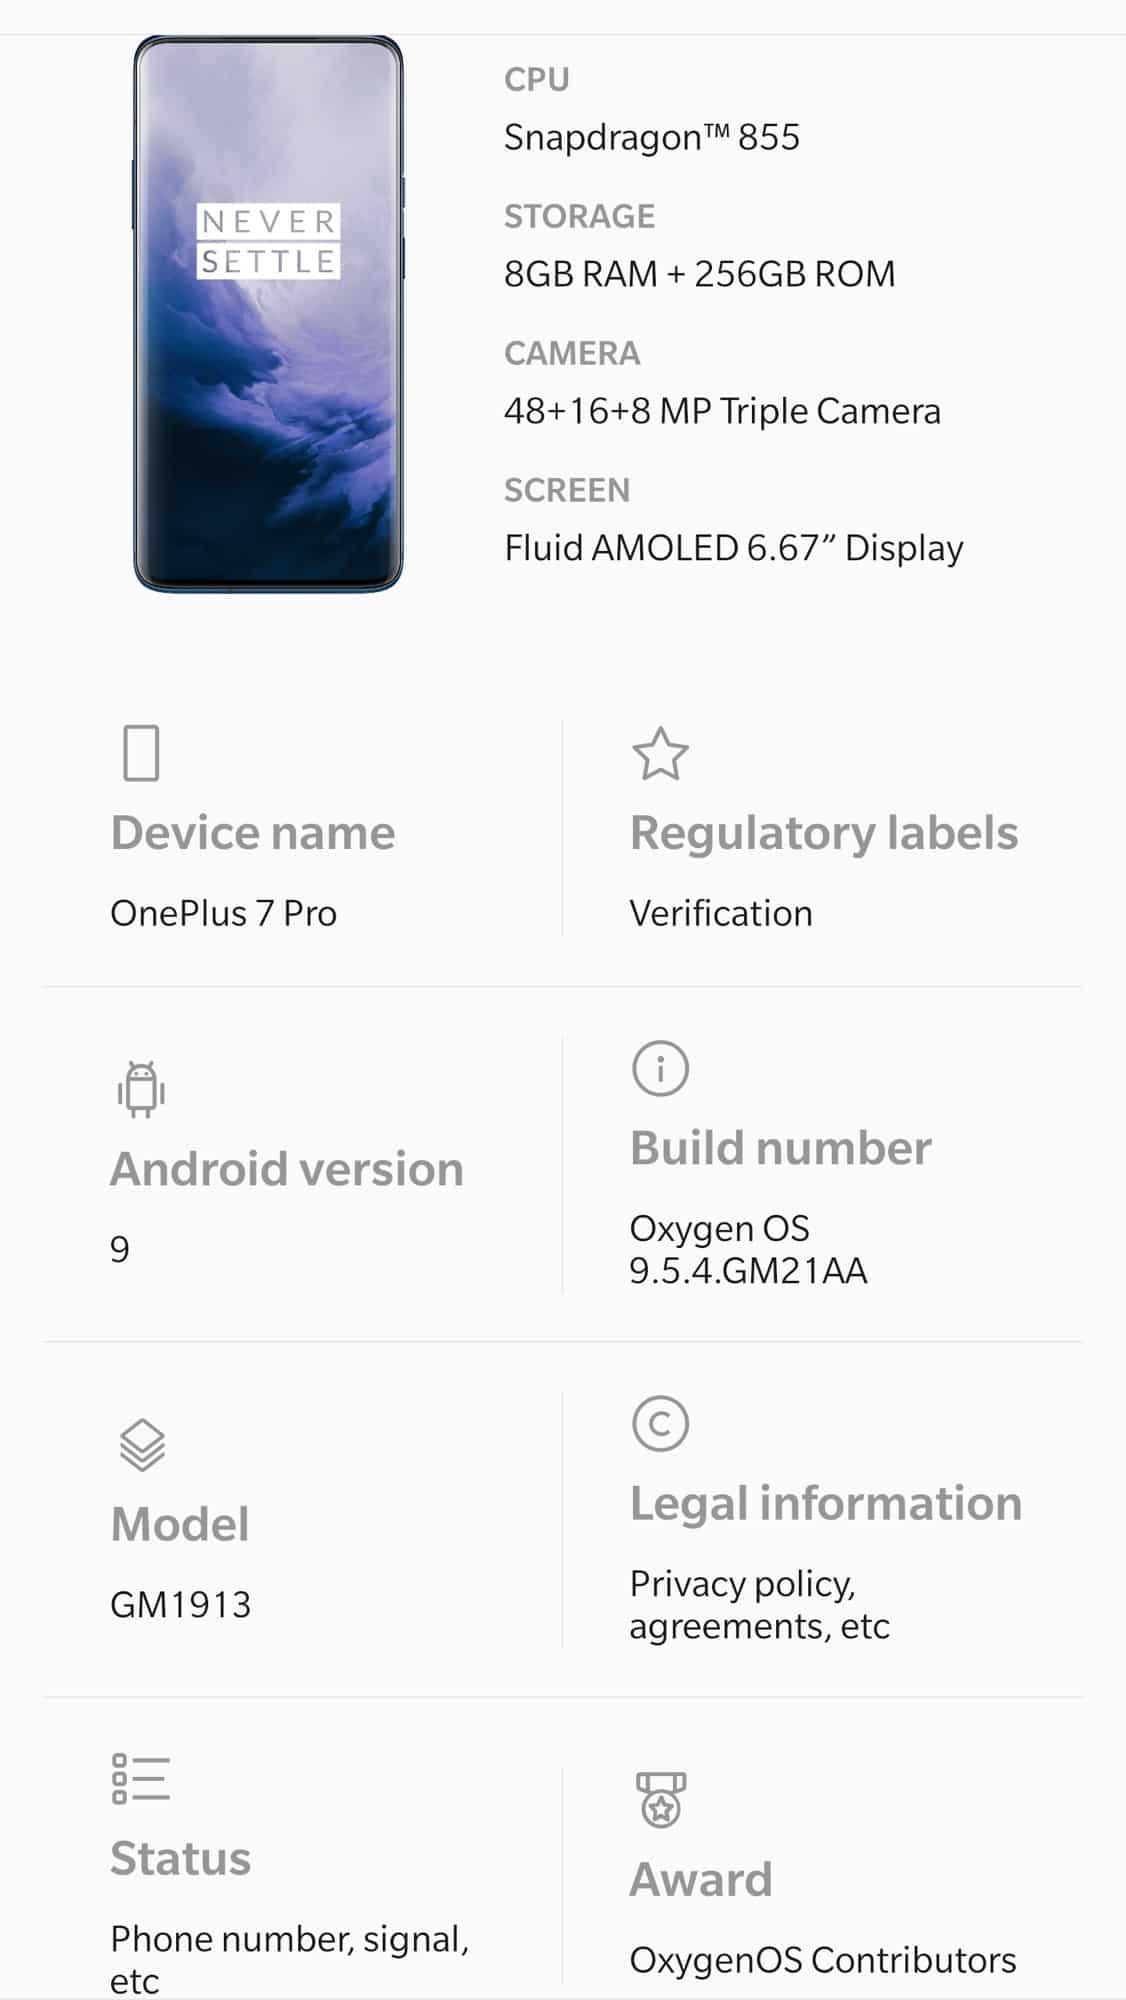 oneplus 7 pro - รีวิว OnePlus 7 Pro ดุดัน จัดเต็ม ที่สุดของ Super Flagship